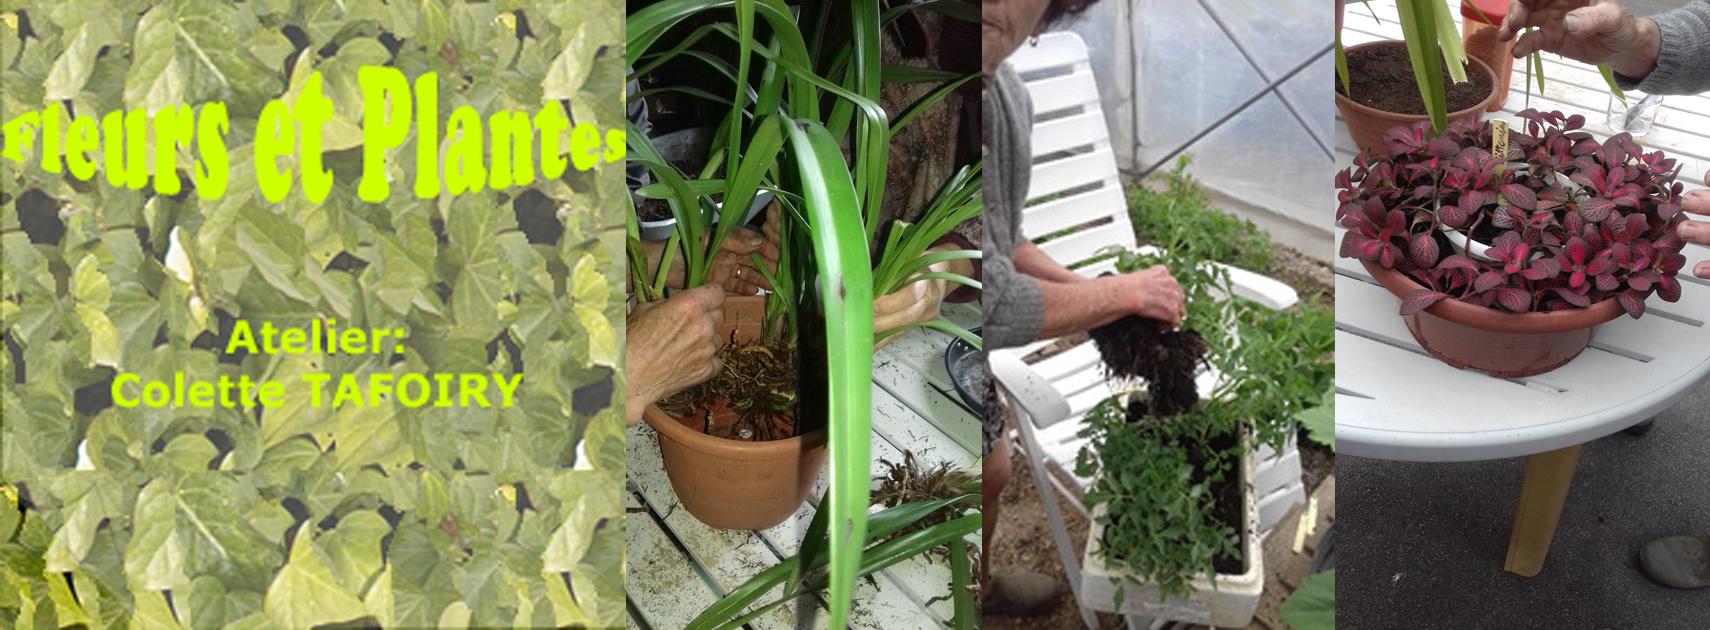 Atelier fleurs plantes modifie 1